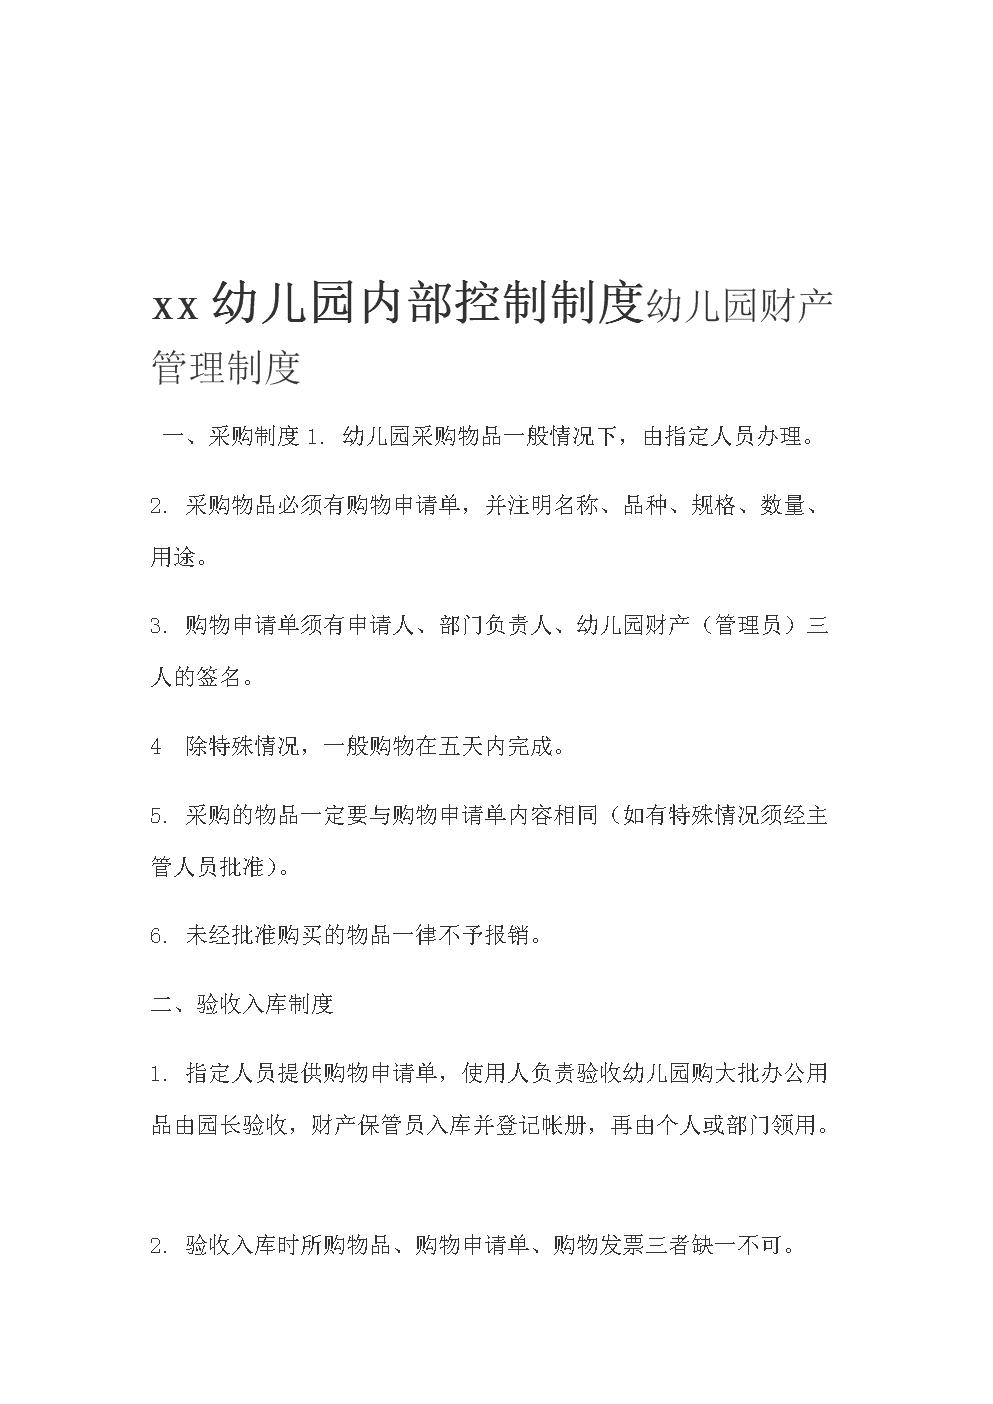 优质幼儿园内部控制制度.doc